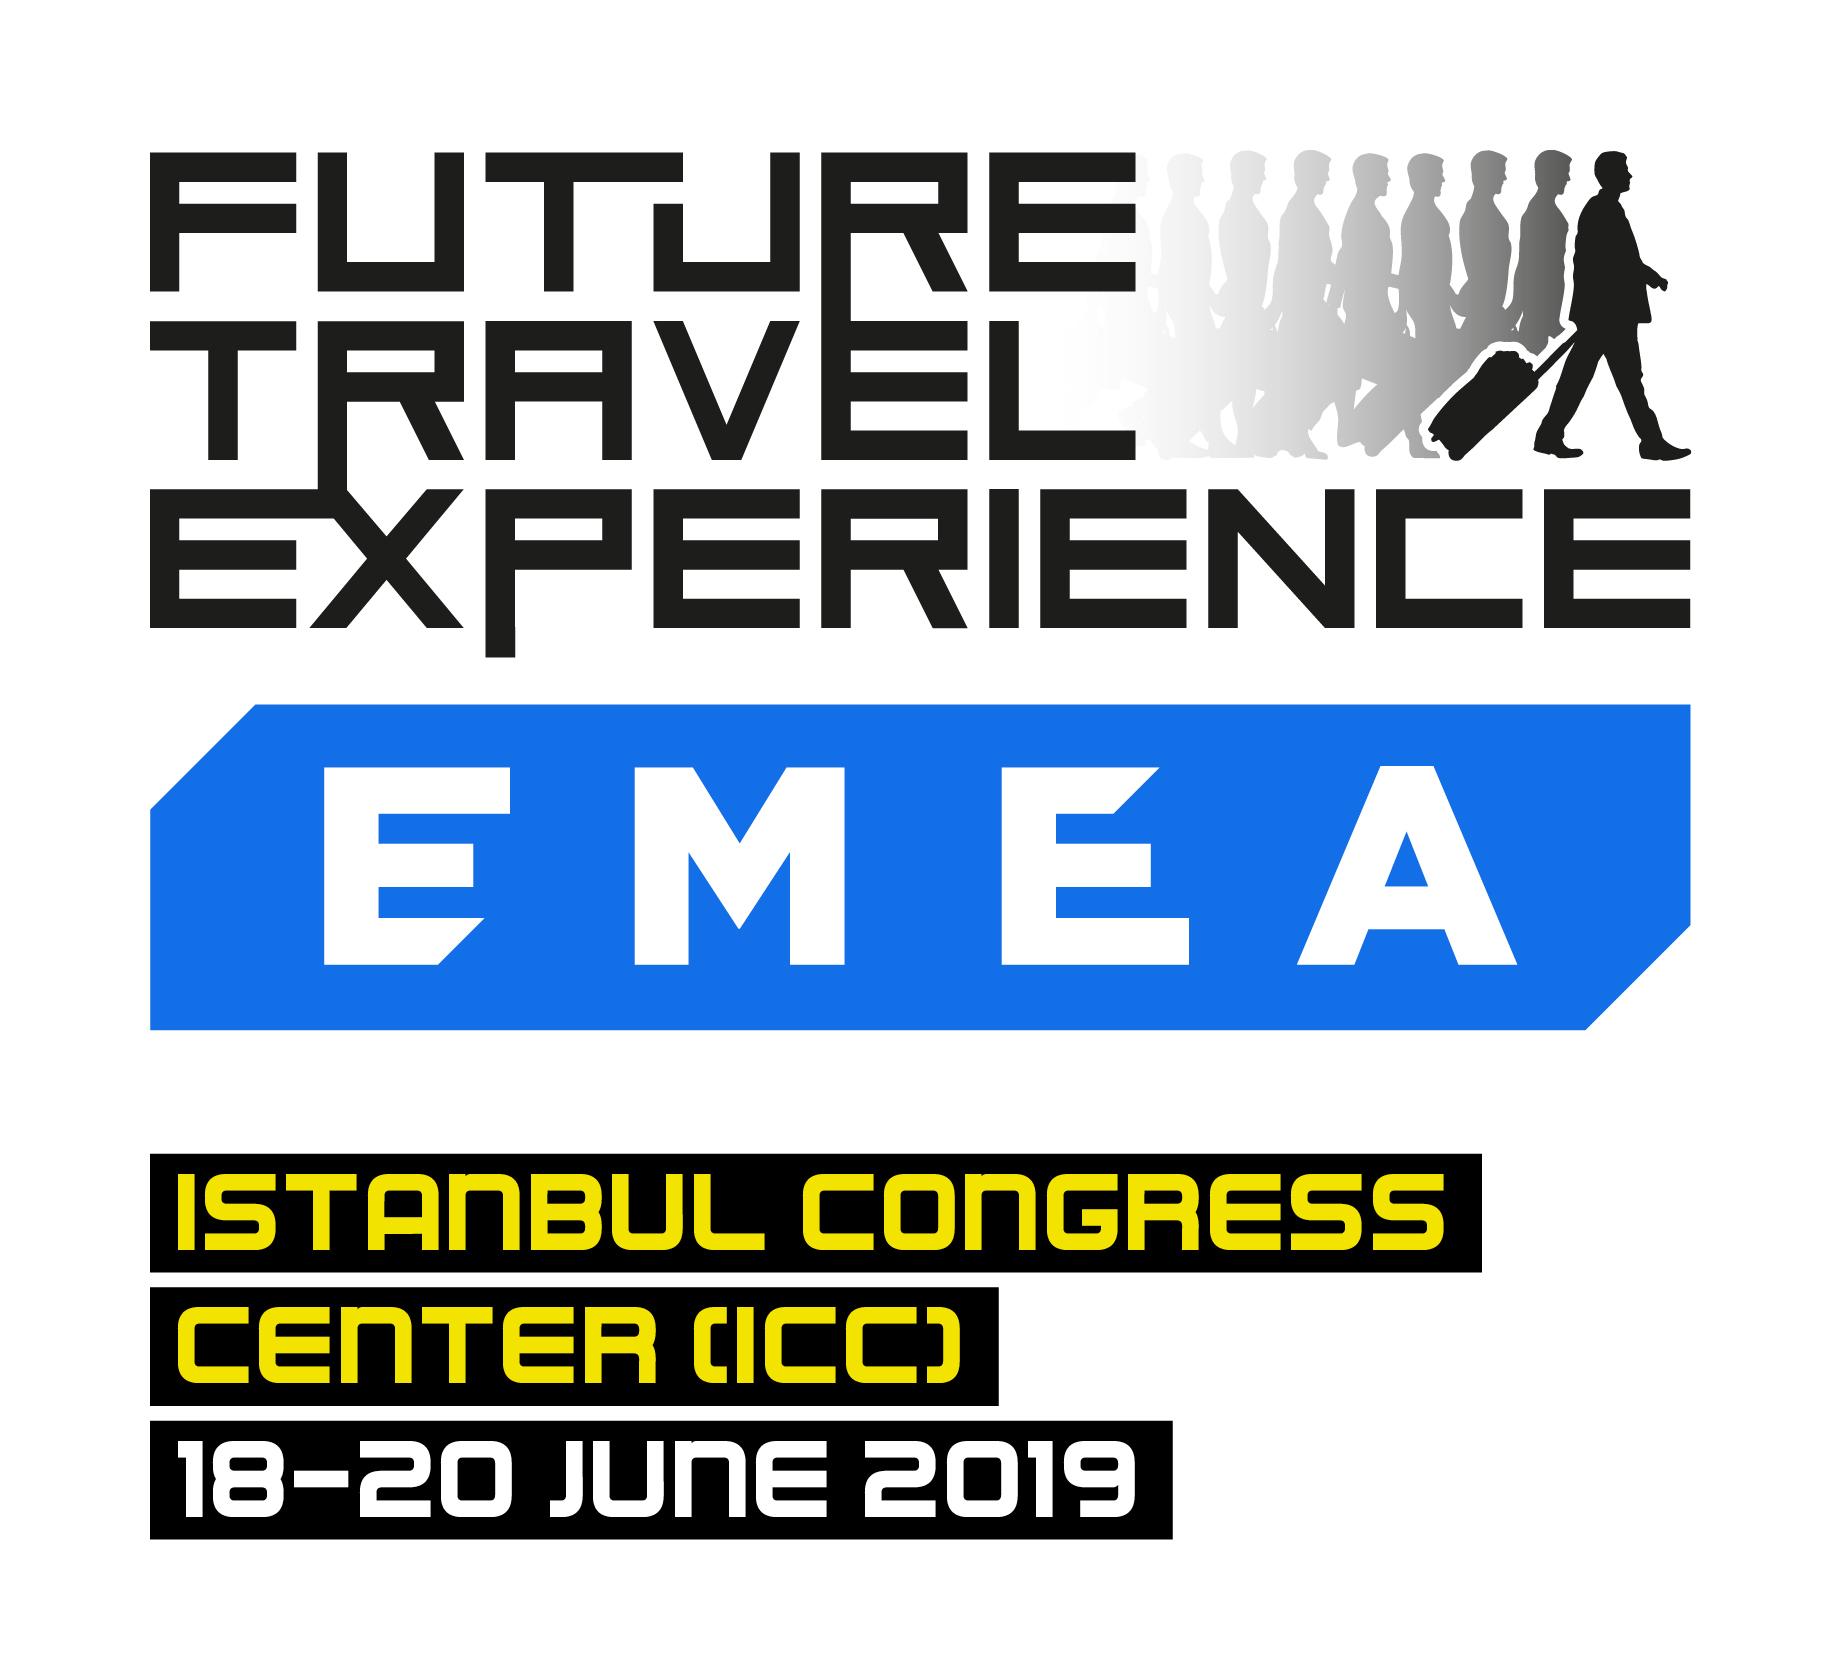 Future Travel Experience EMEA 2019